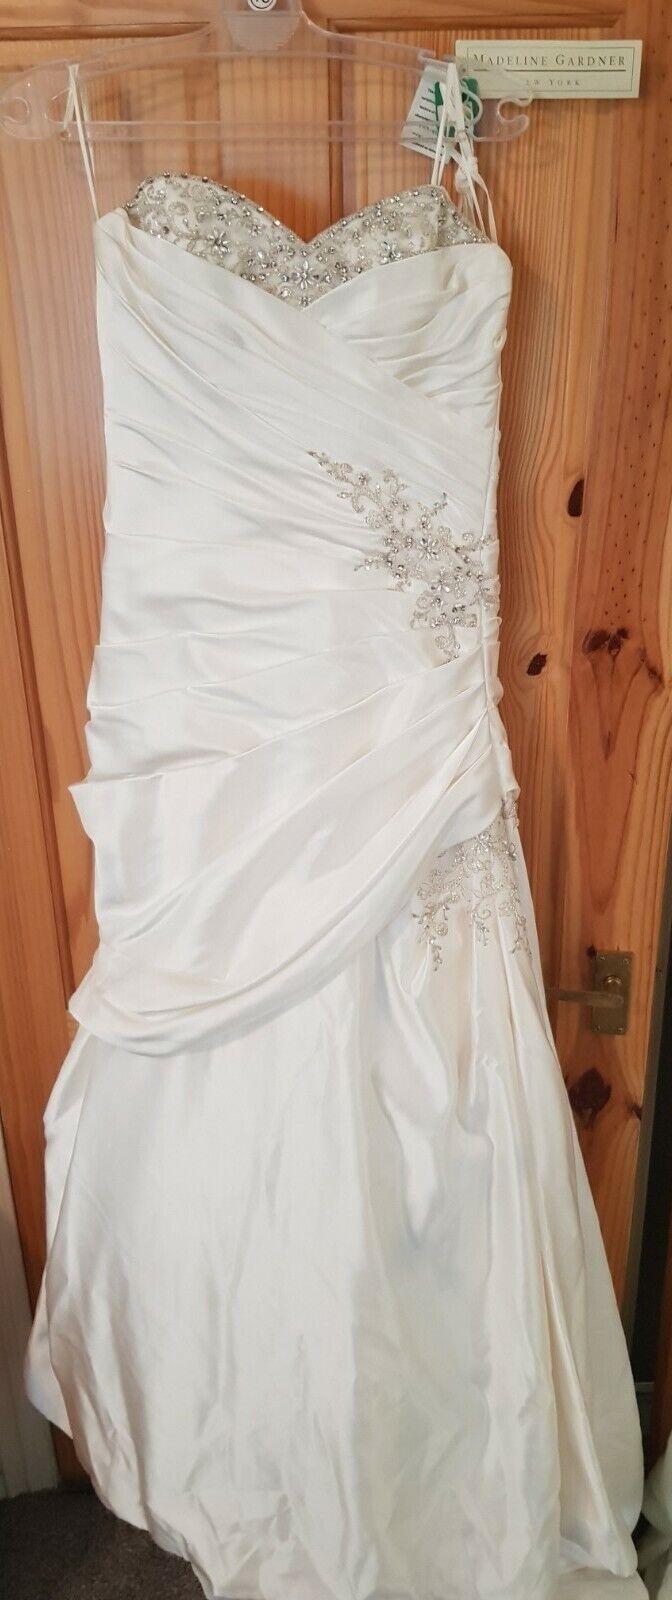 BRAND NEW! MADELINE GARDNER DESIGNER WEDDING DRESS . MORI LEE. RRP